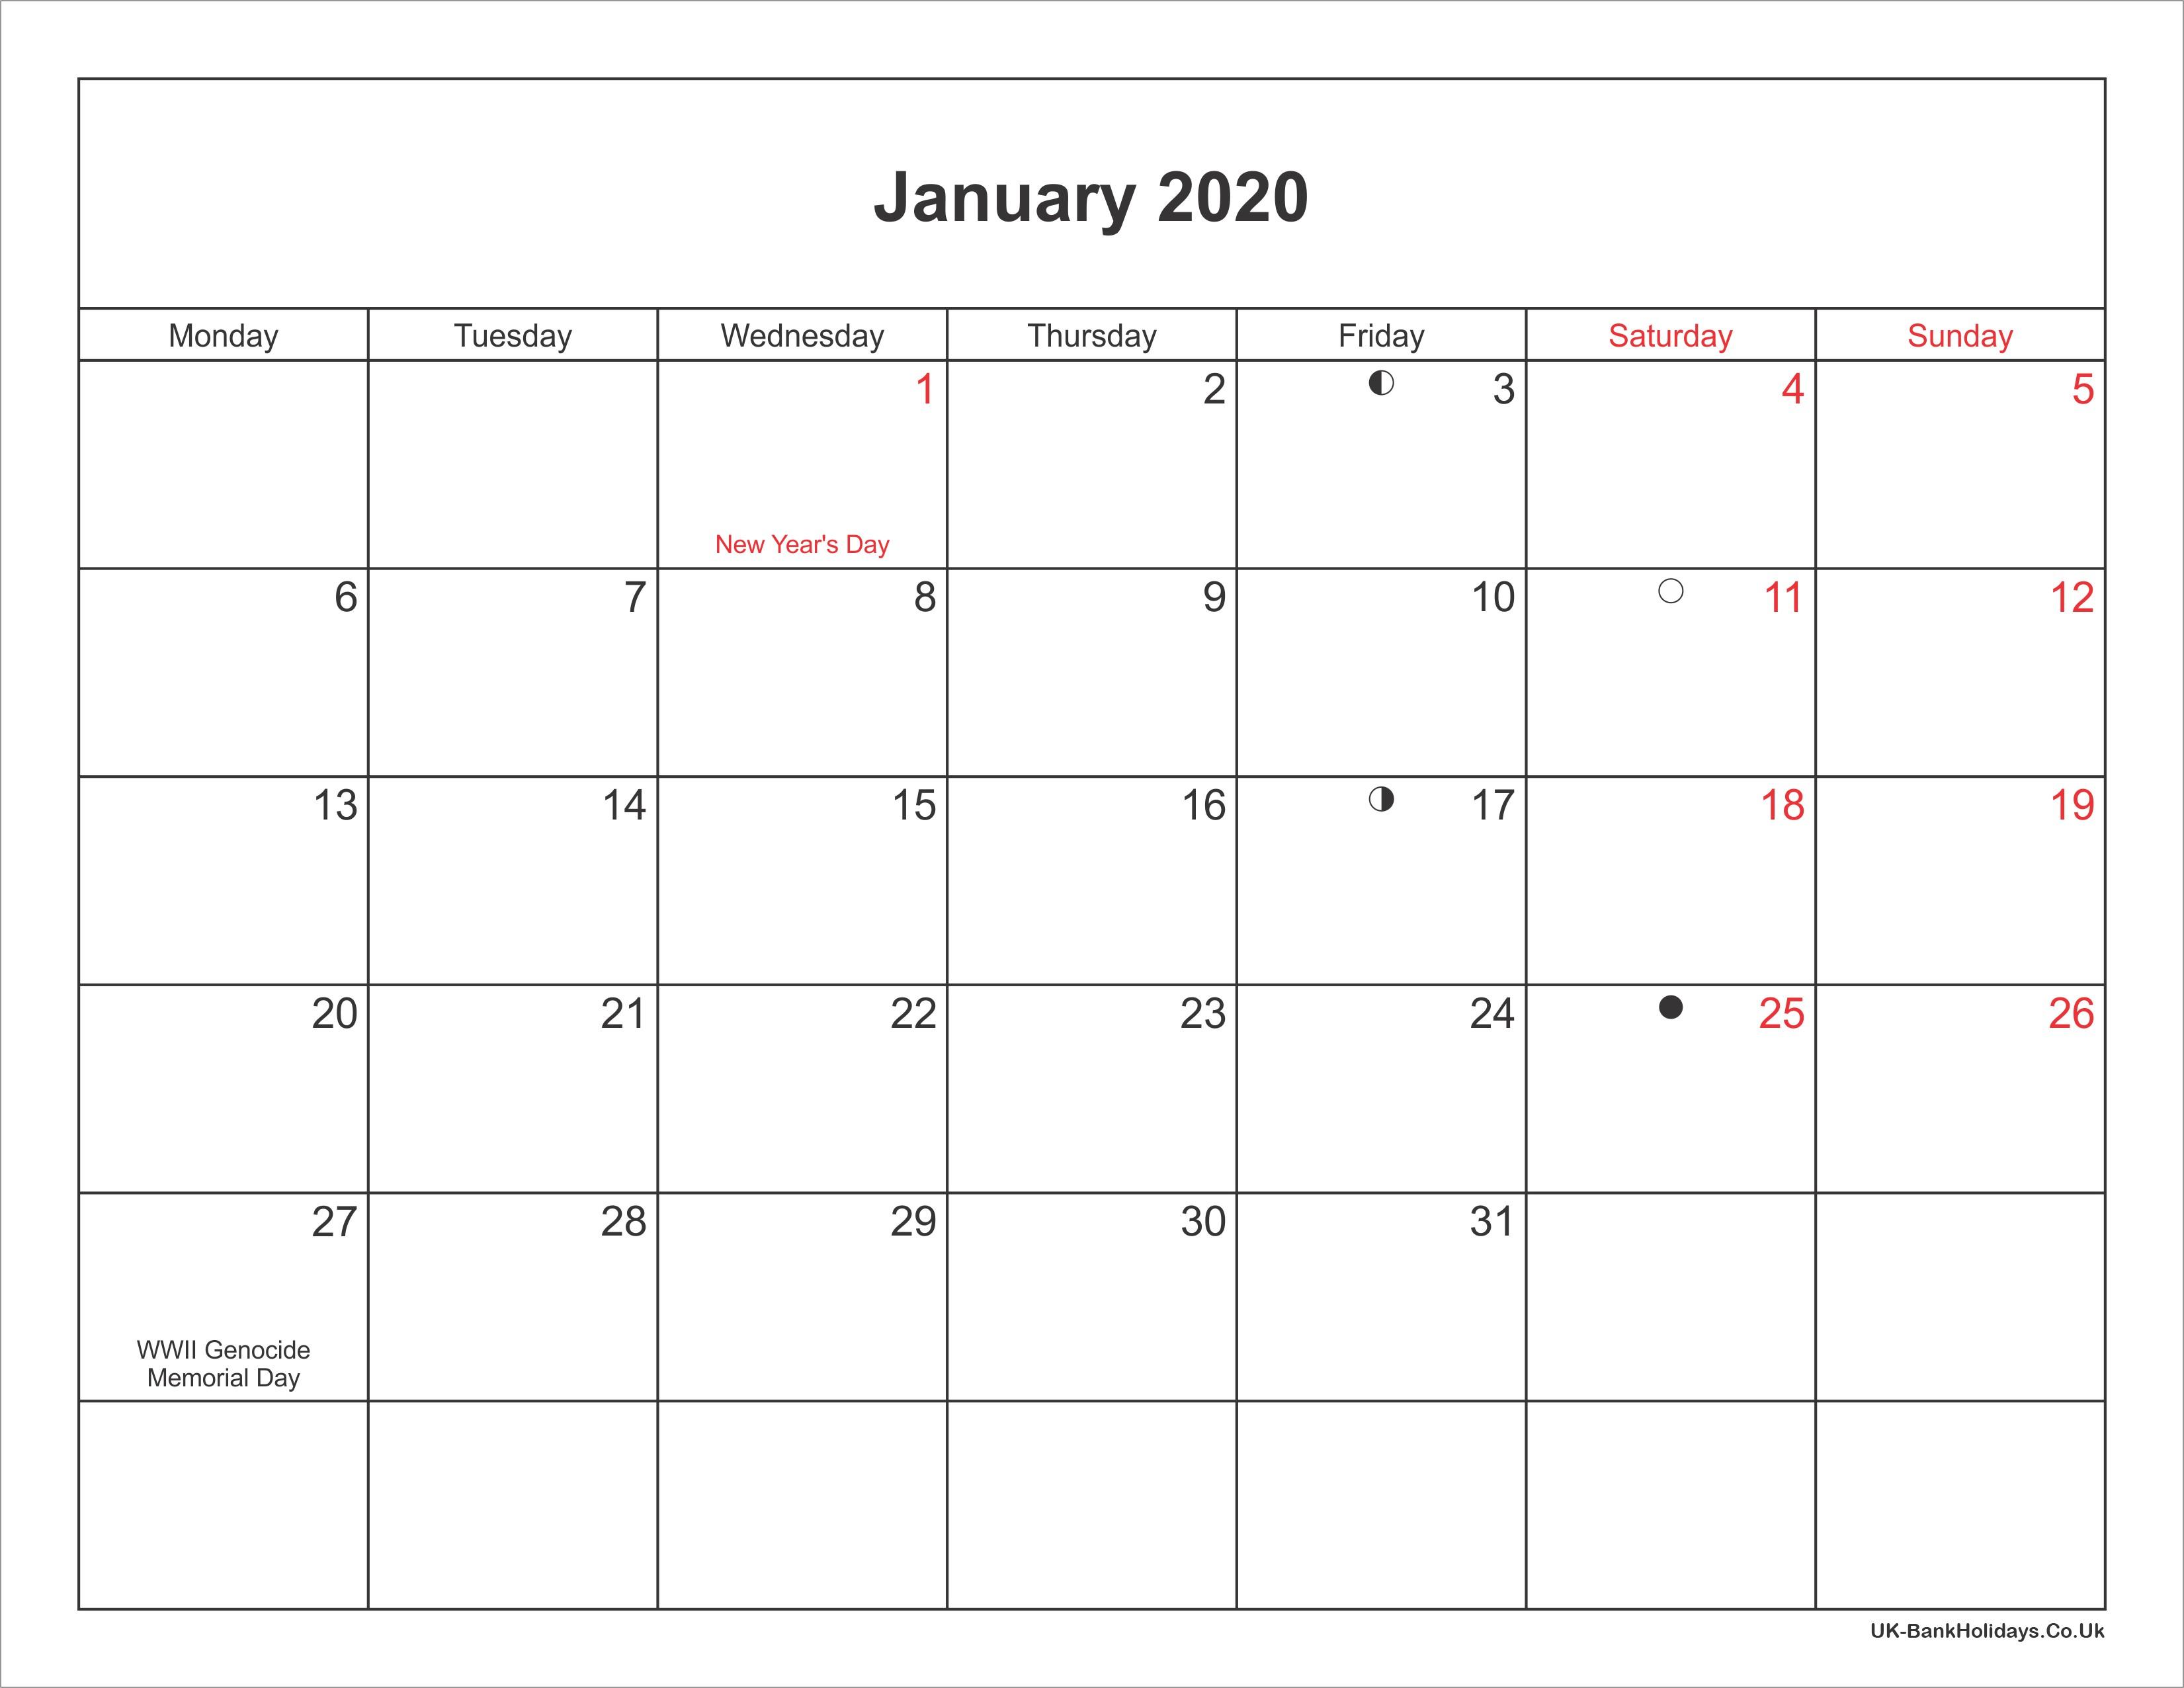 January 2020 Calendar Printable with Bank Holidays UK